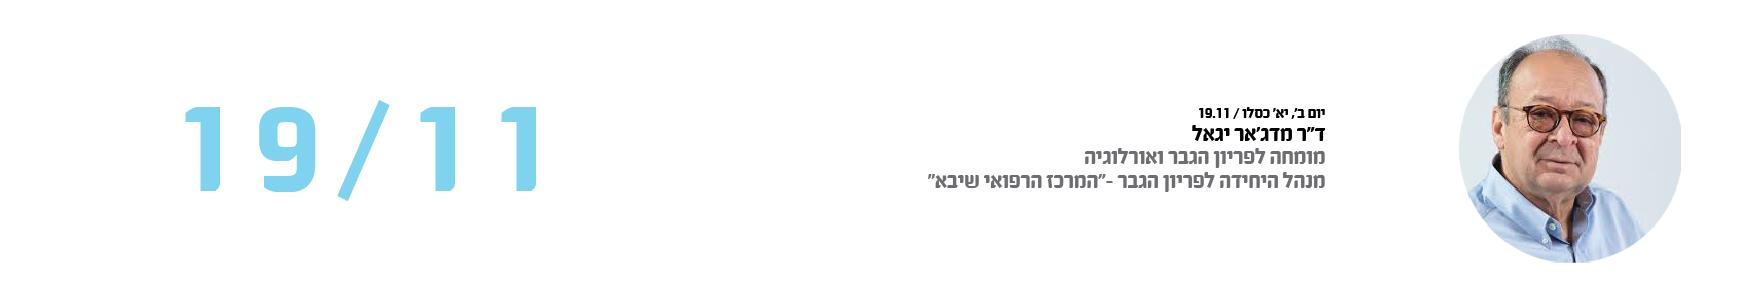 שבוע קבלת קהל באנרים לאתר [Recovered]-03